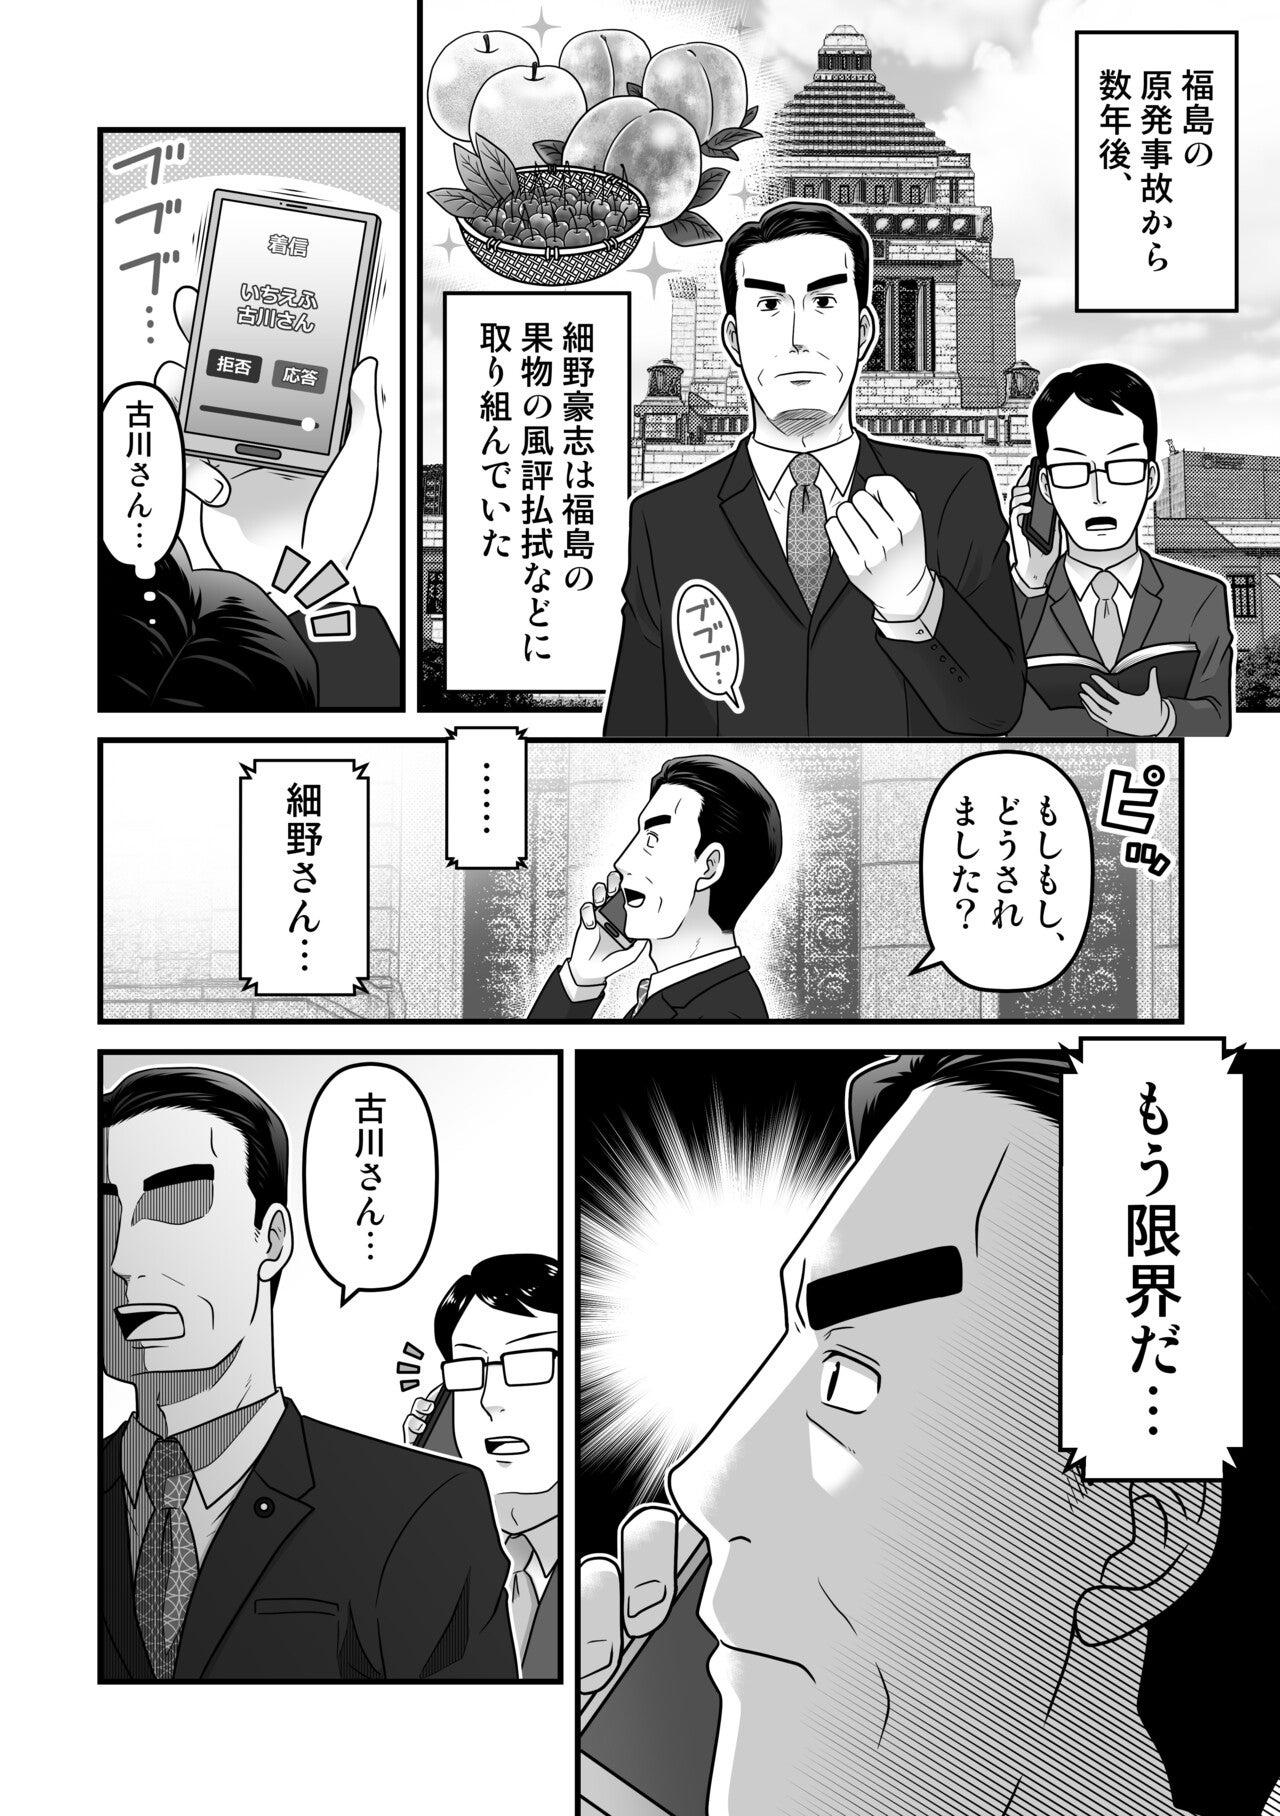 処理水漫画2_001